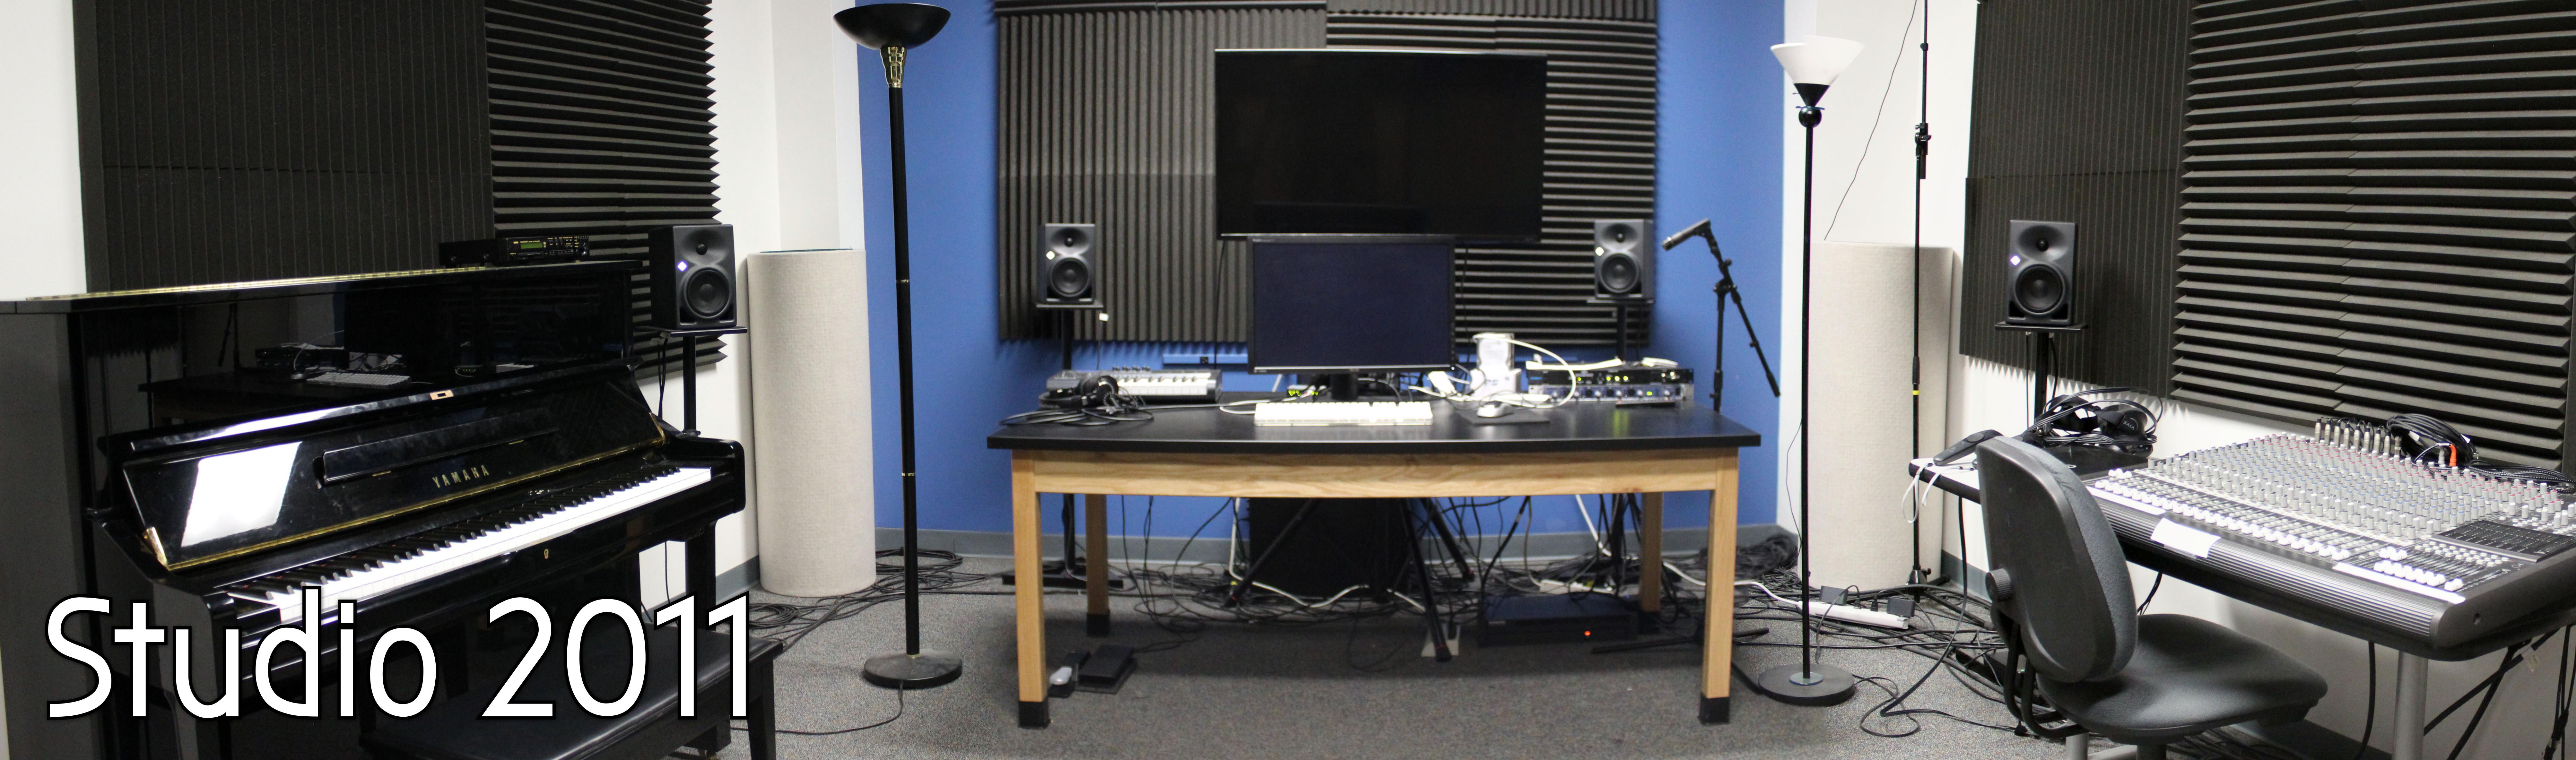 Panoramic Image of Studio 2011